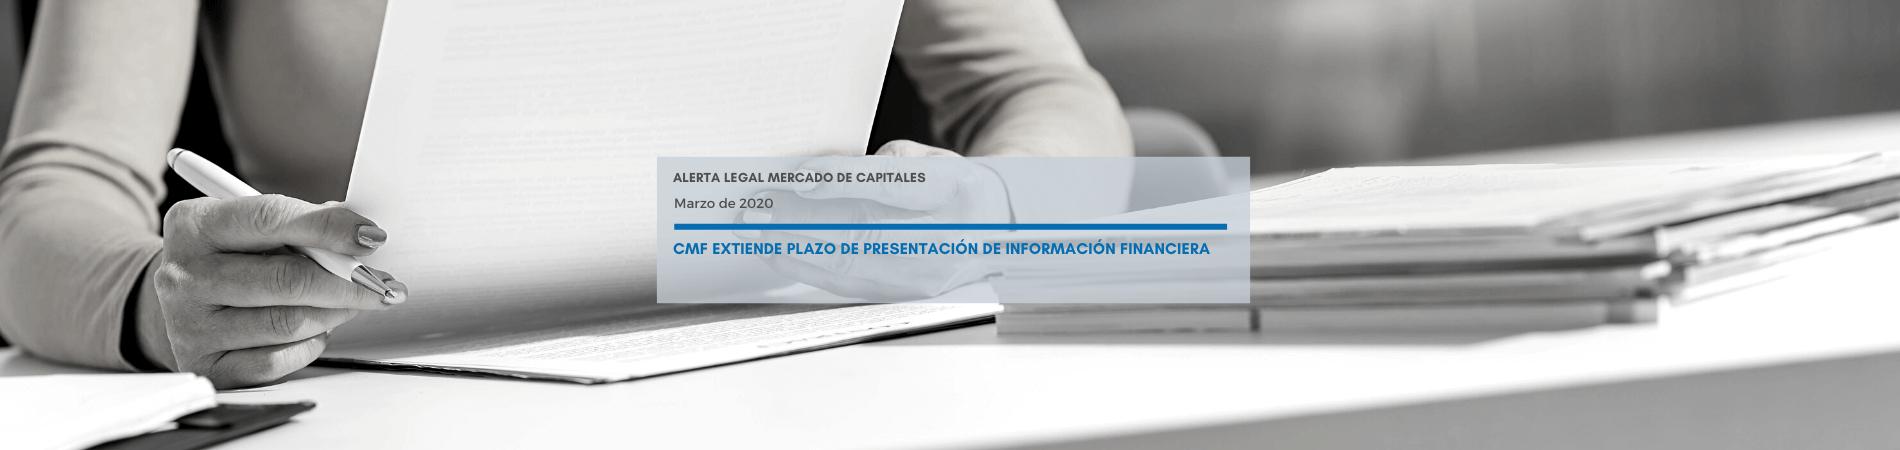 Alerta Legal | CMF extiende plazo de presentación de información financiera